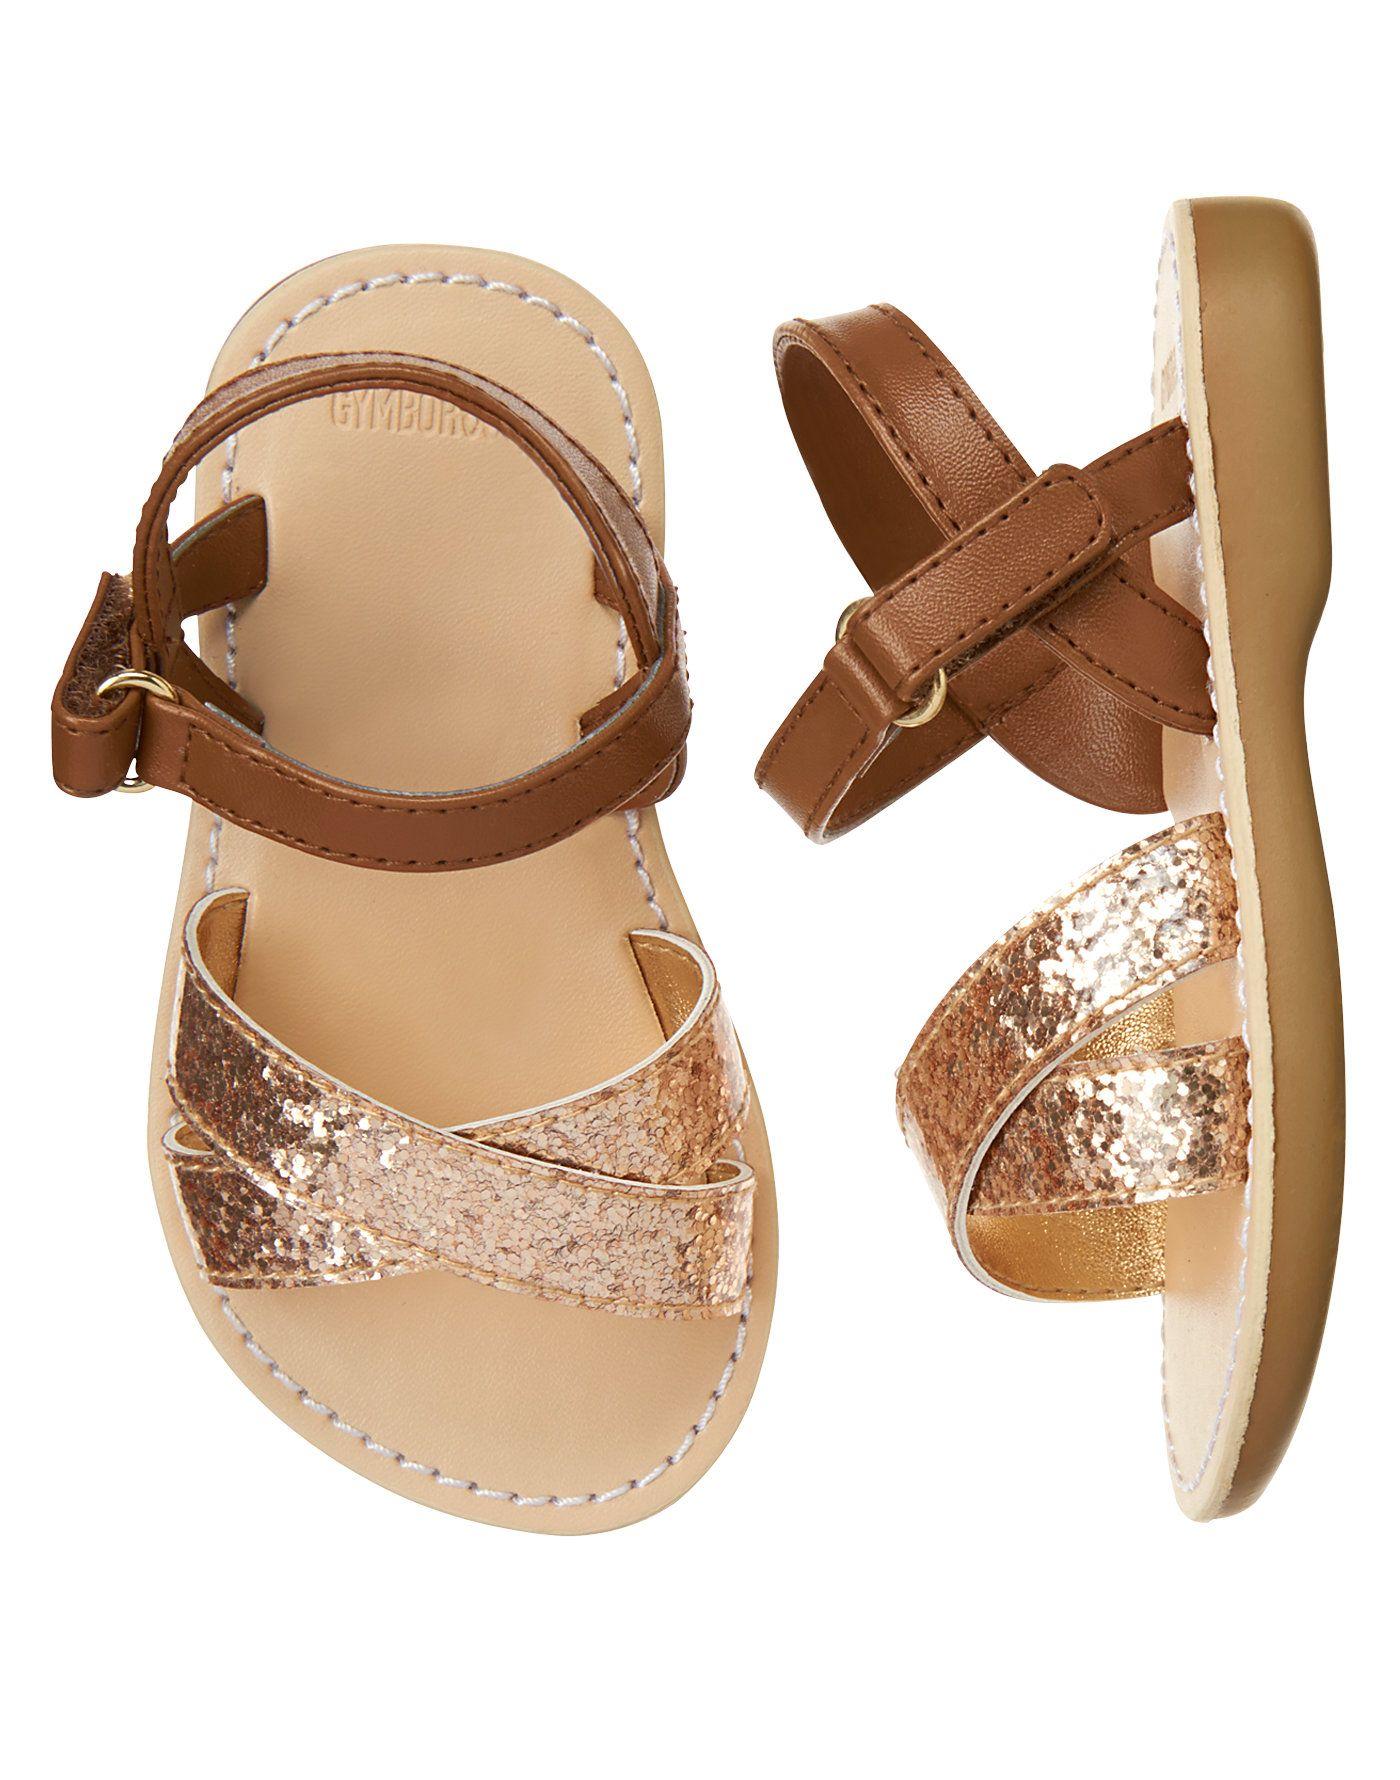 a3d46c1cd7d2 Glitter Sandals